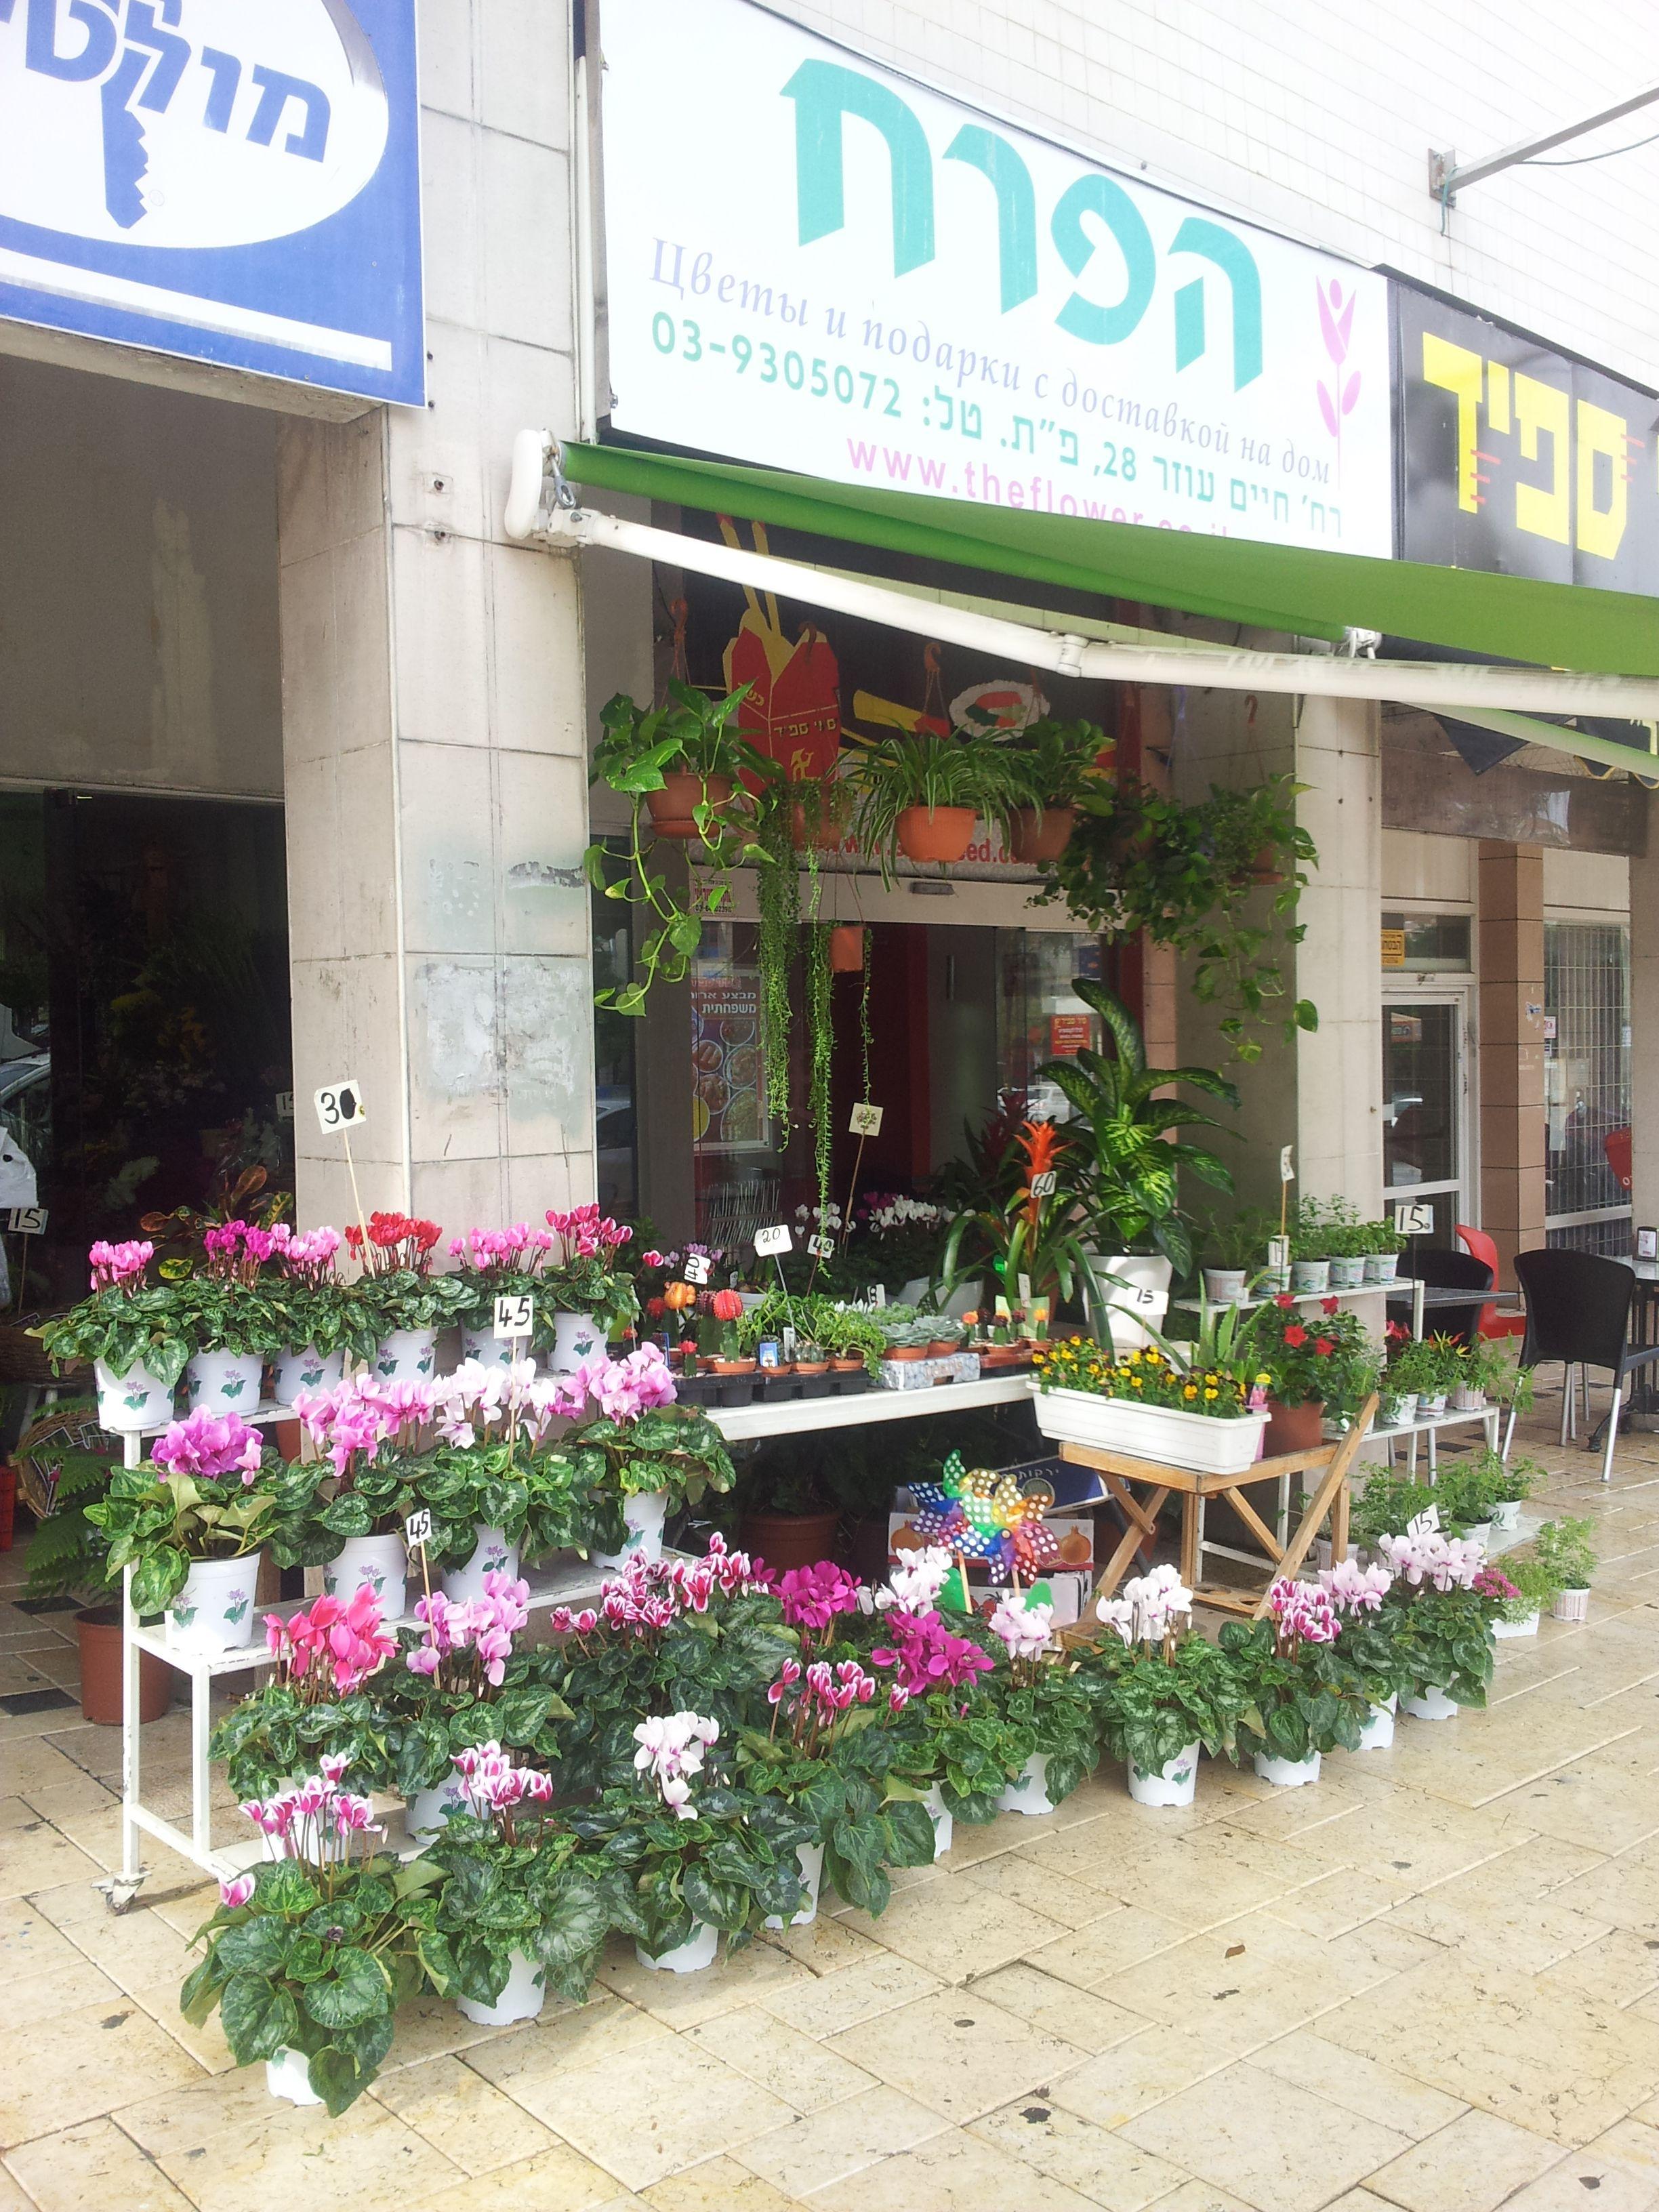 חנות פרחים הפרח פתח תקווה